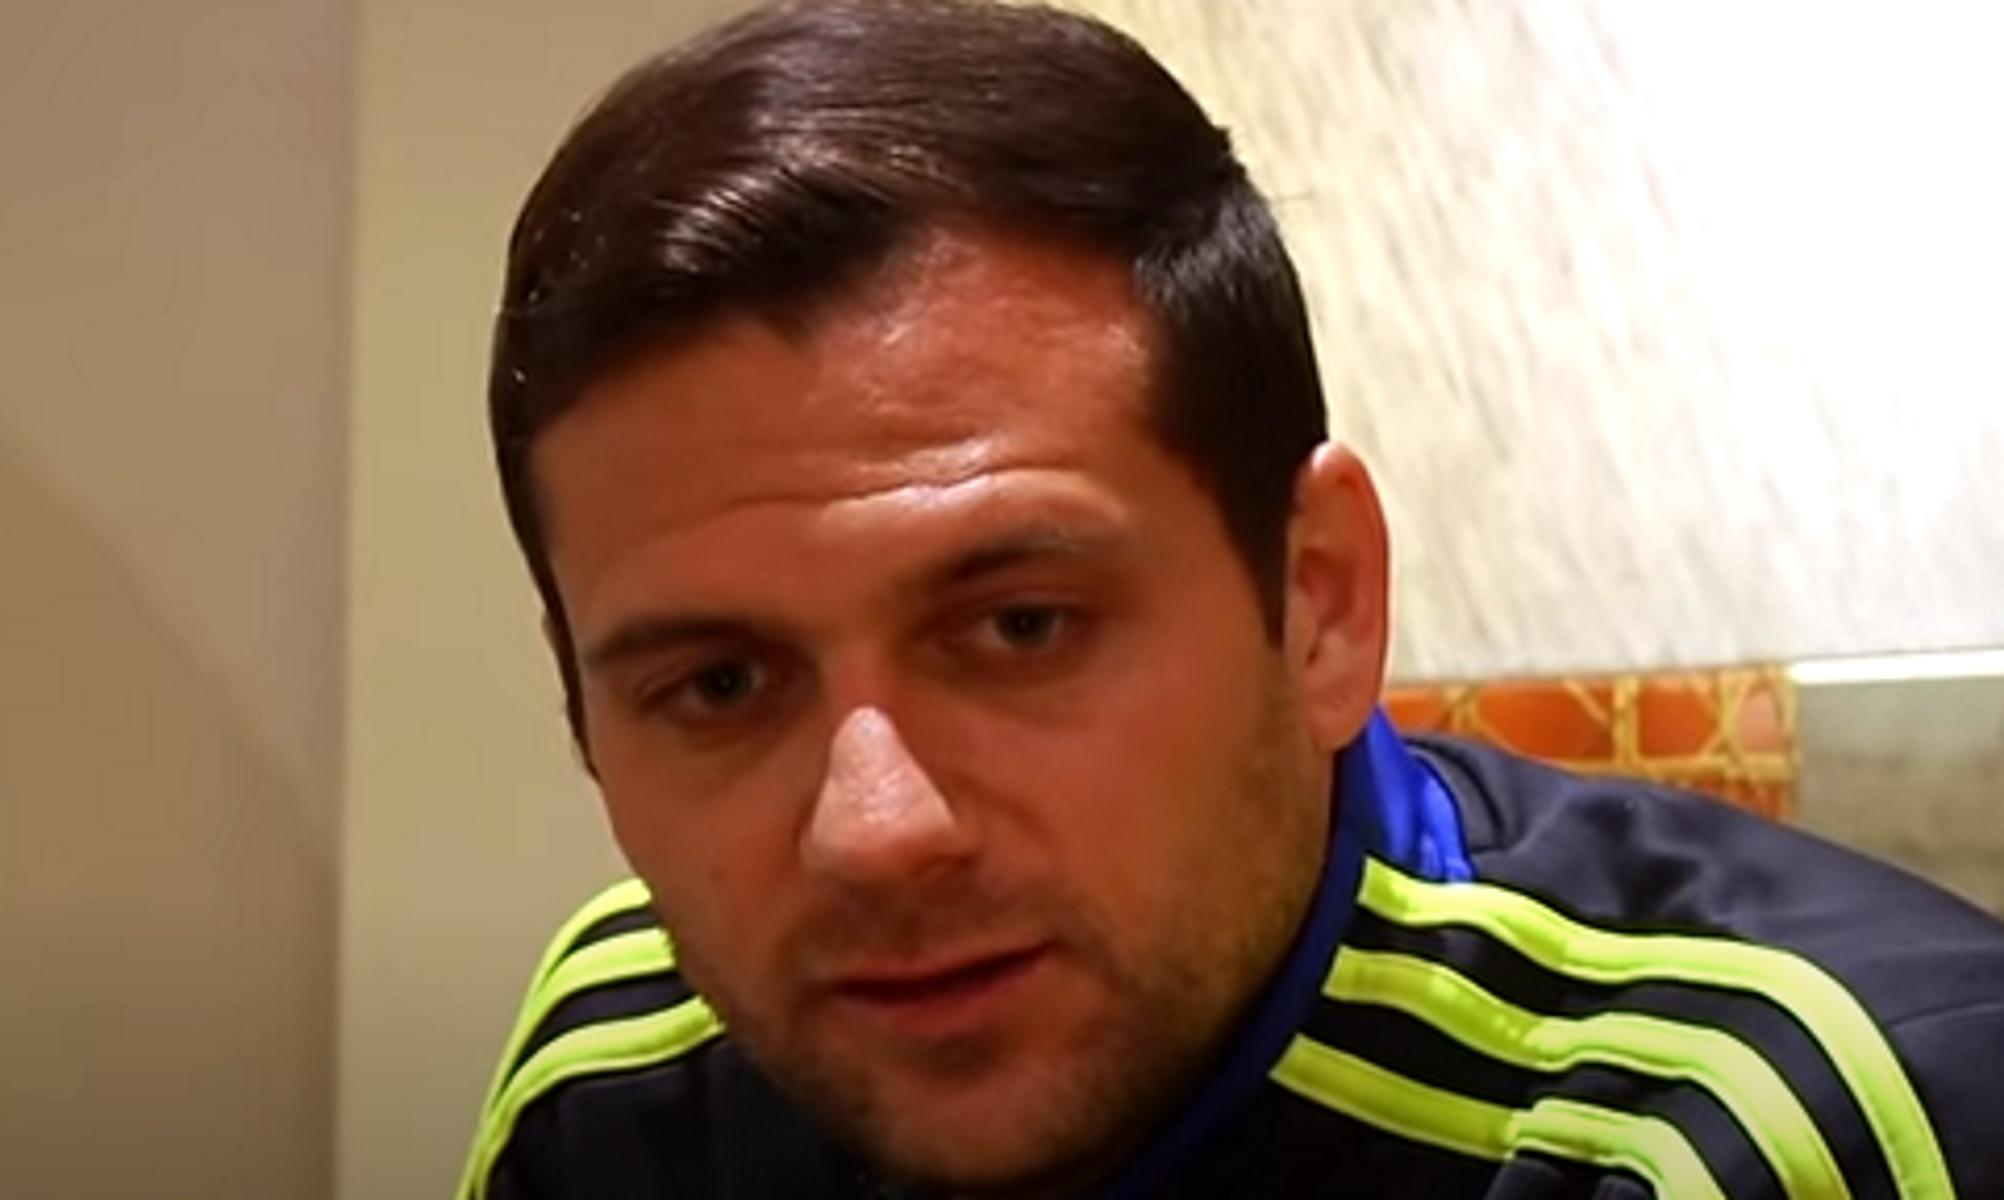 Ποδοσφαιριστής επικαλέστηκε απαγωγή από… εξωγήινους επειδή καθυστέρησε στην προπόνηση